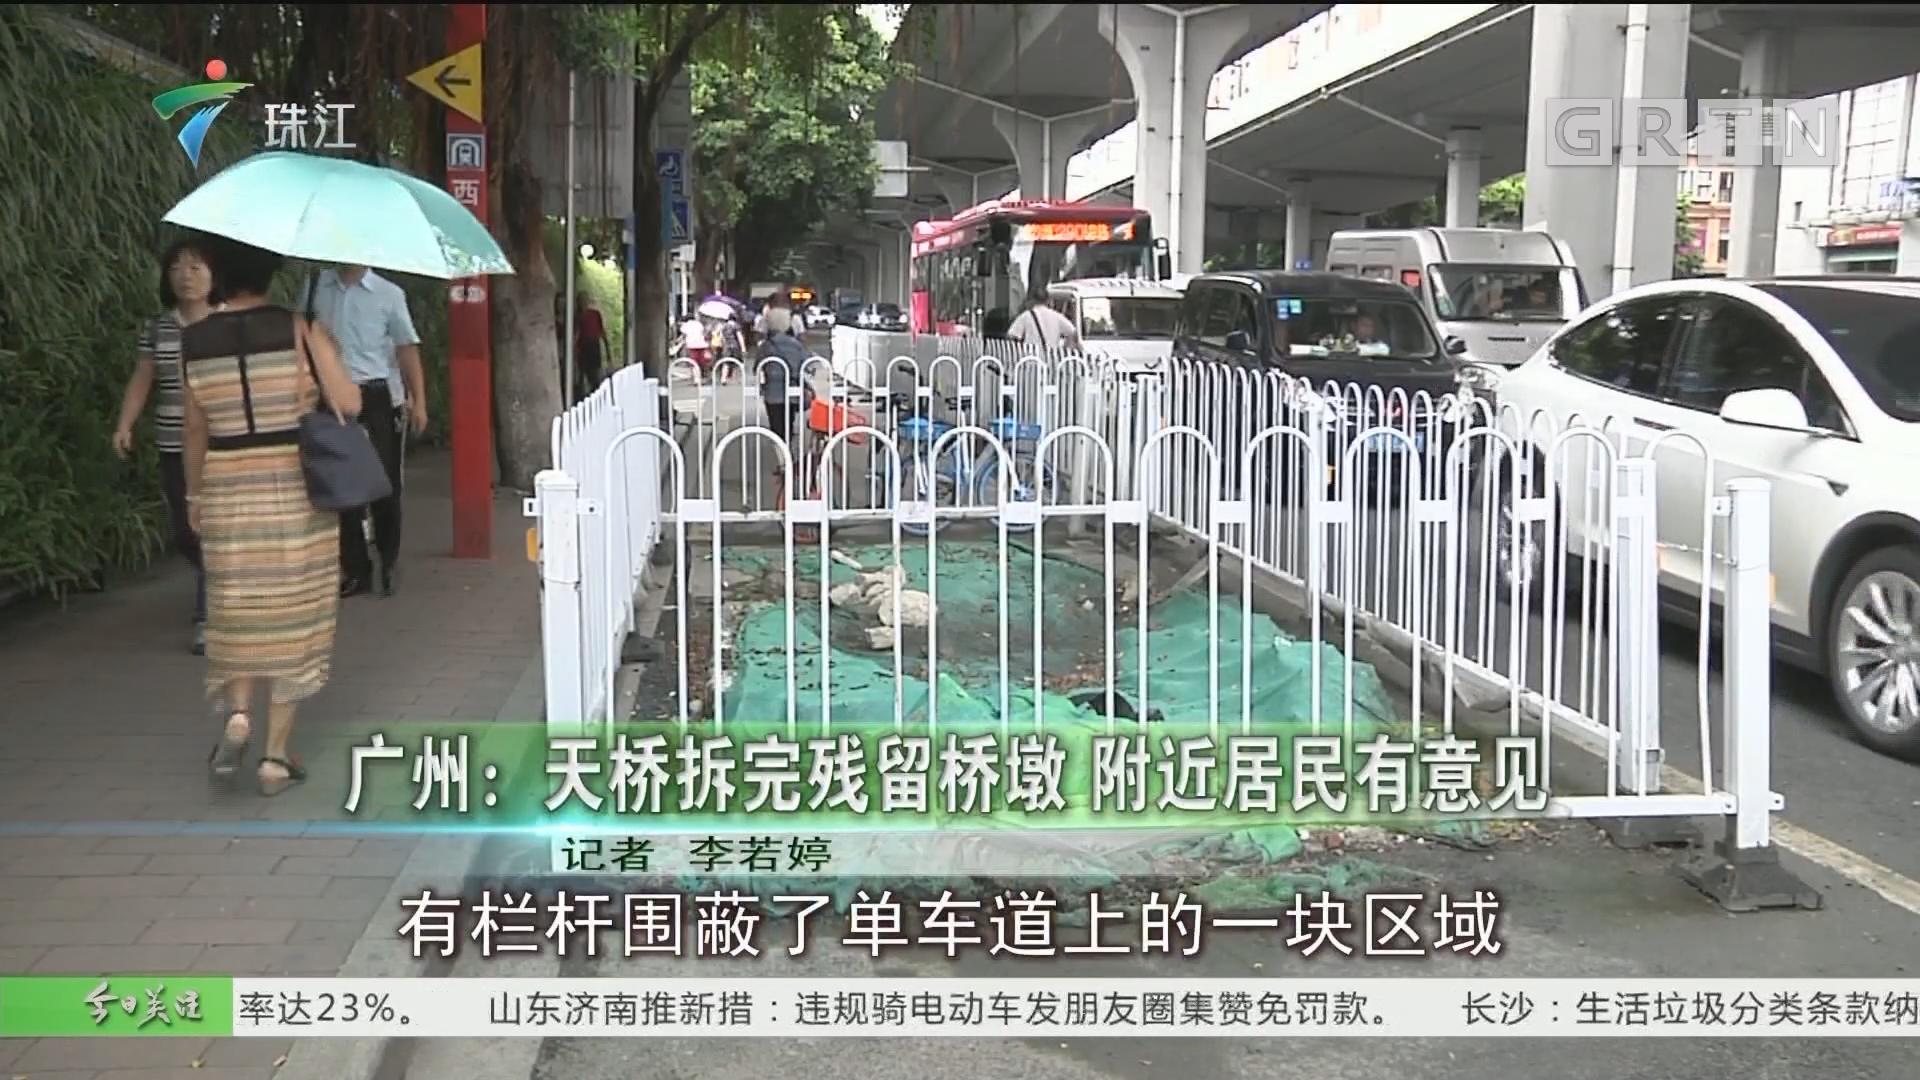 广州:天桥拆完残留桥墩 附近居民有意见